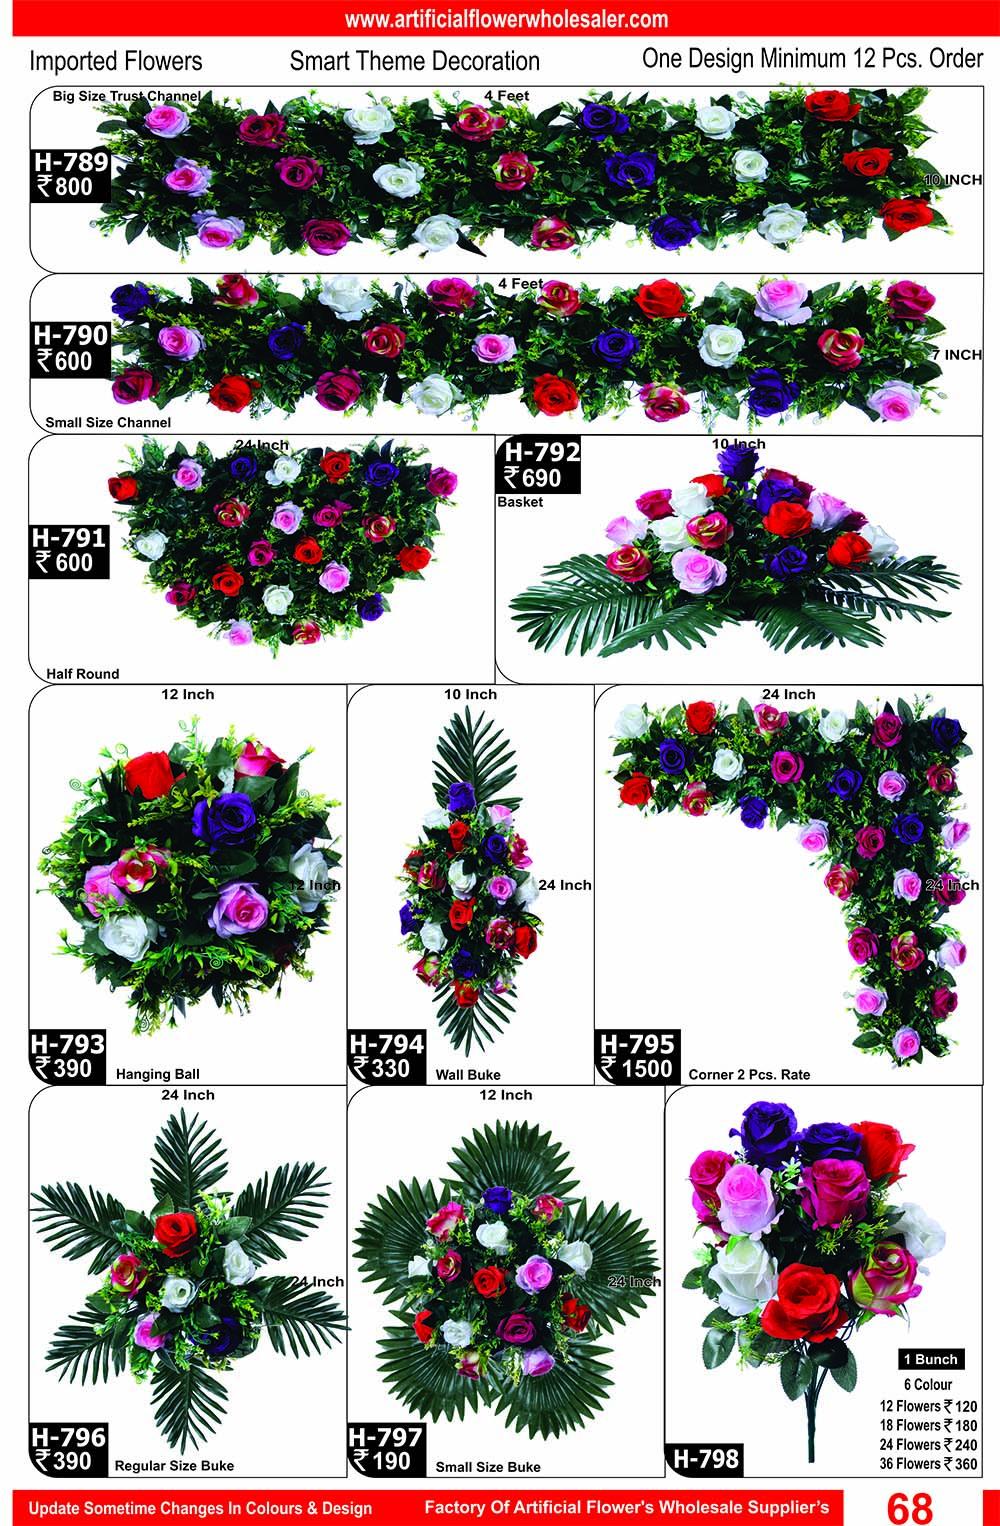 68-artificial-flower-wholesaler